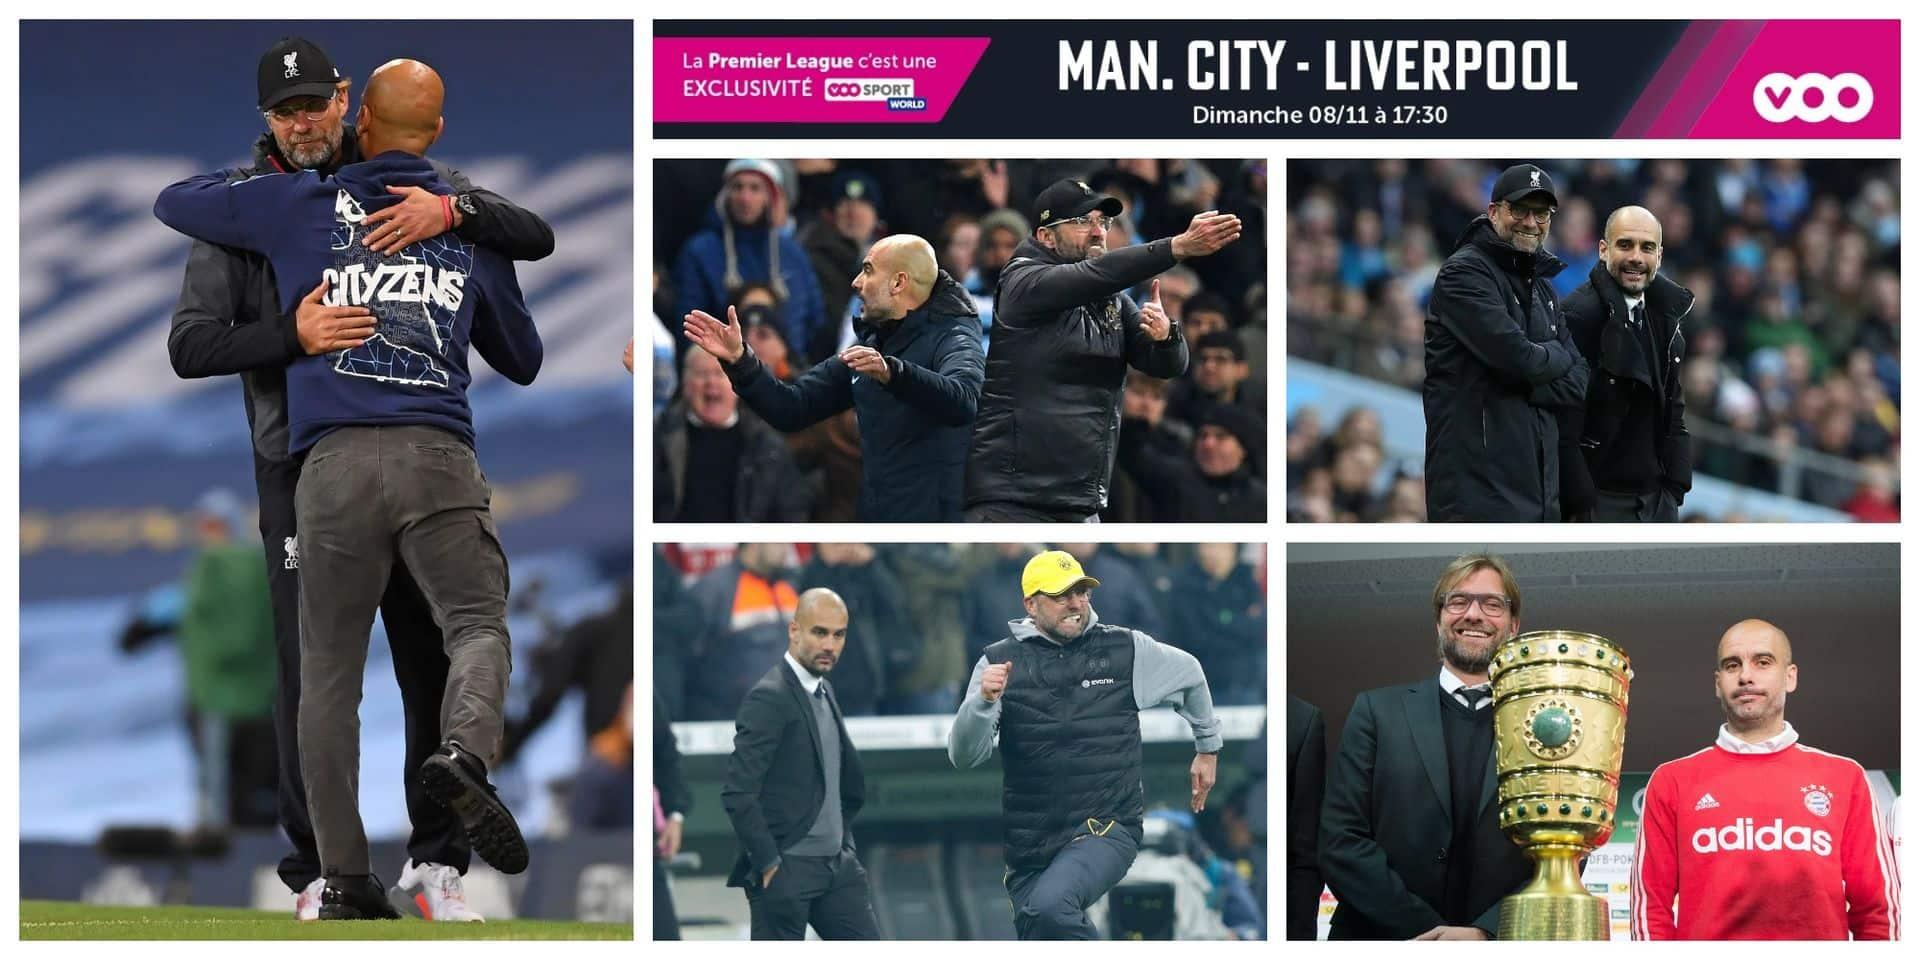 Premier League: Manchester City contre Liverpool, ou Guardiola vs Klopp, clap vingtième